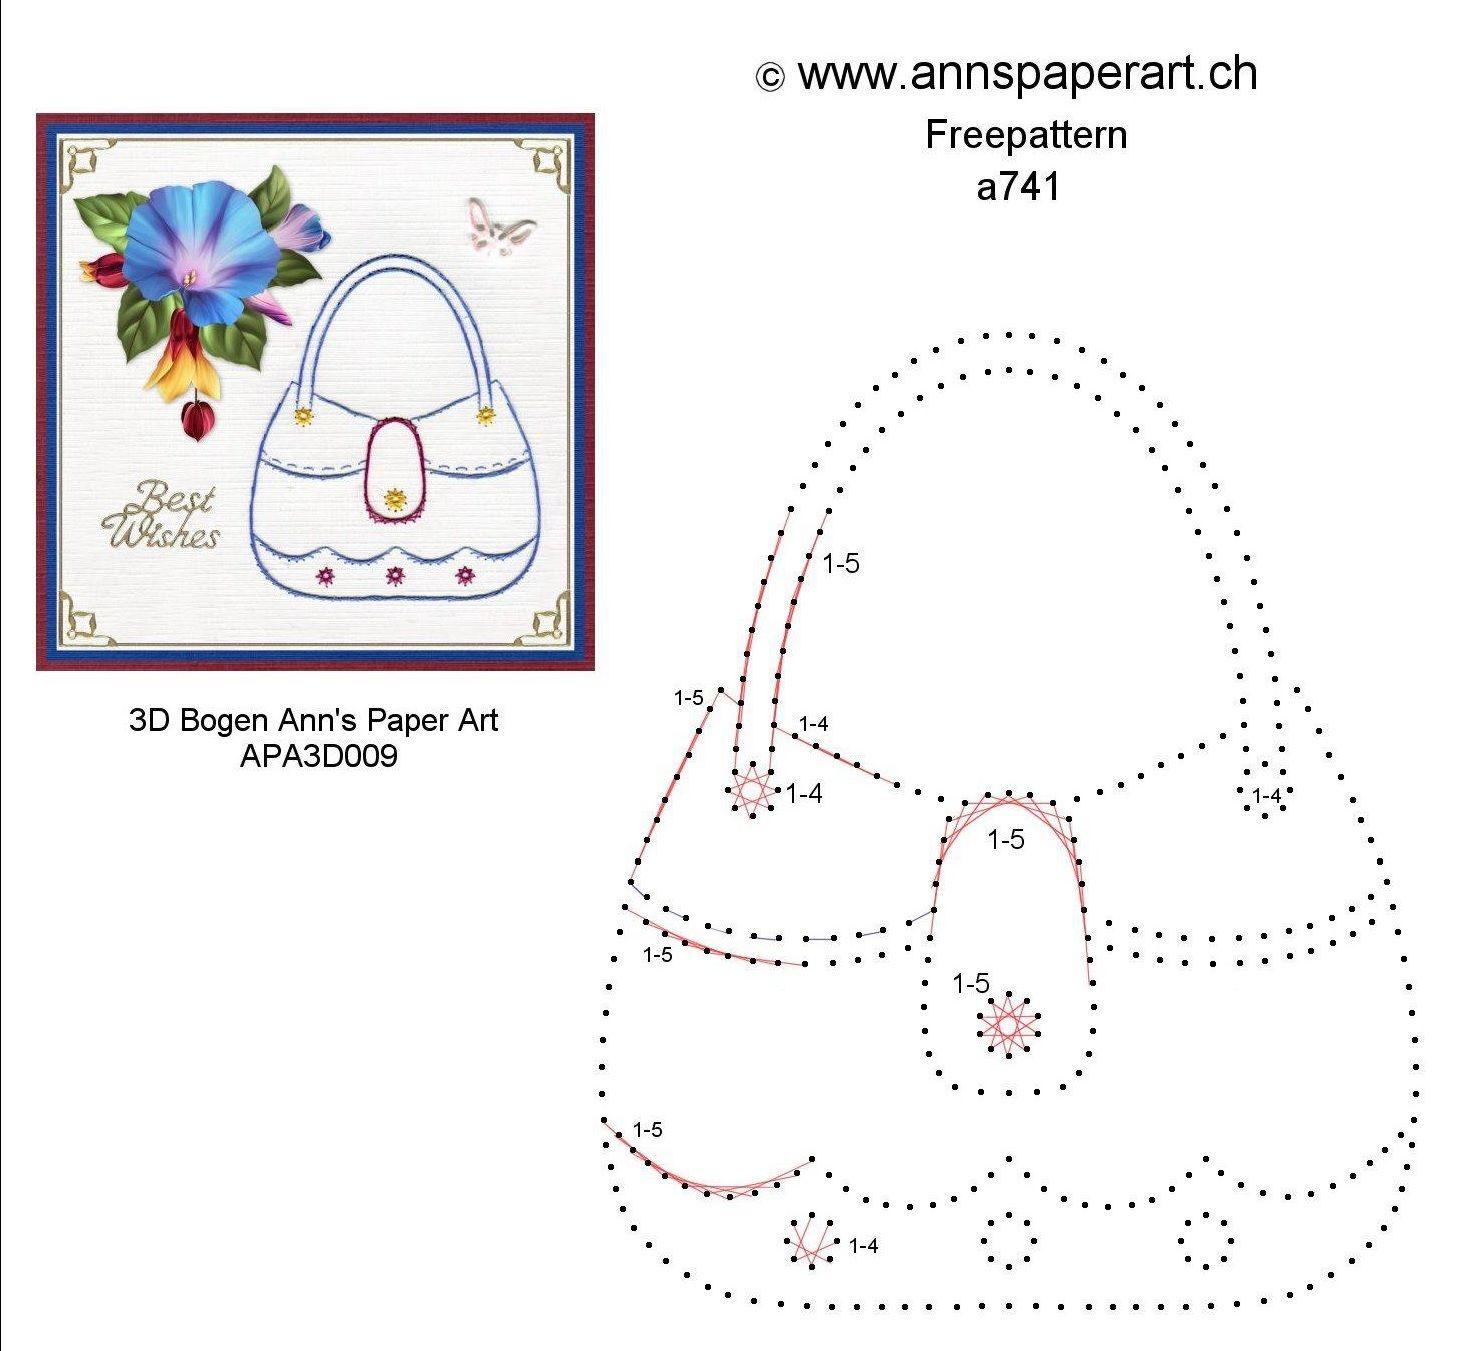 Von Ann L Tolf, Paper Art Anns